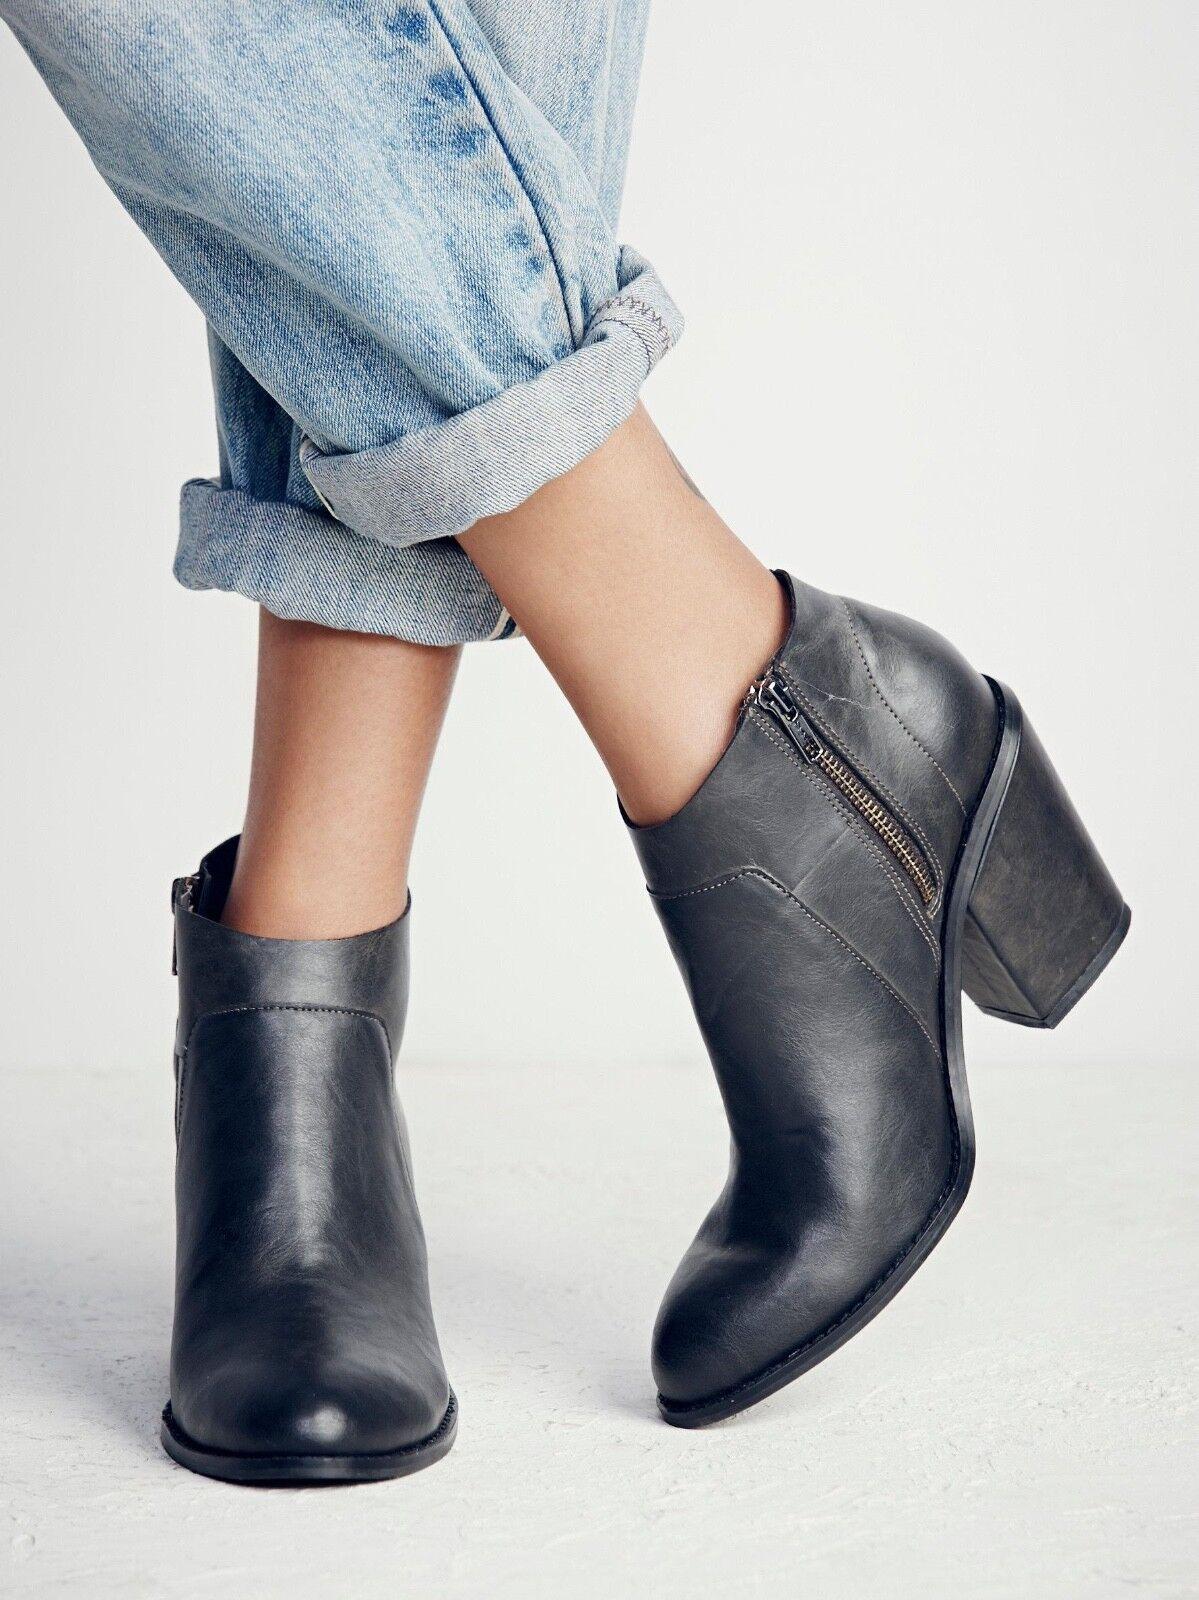 Nuevas botas de tacón Free People Addison Talla Talla Talla 9 precio minorista sugerido por el fabricante   128 Negro  sin mínimo